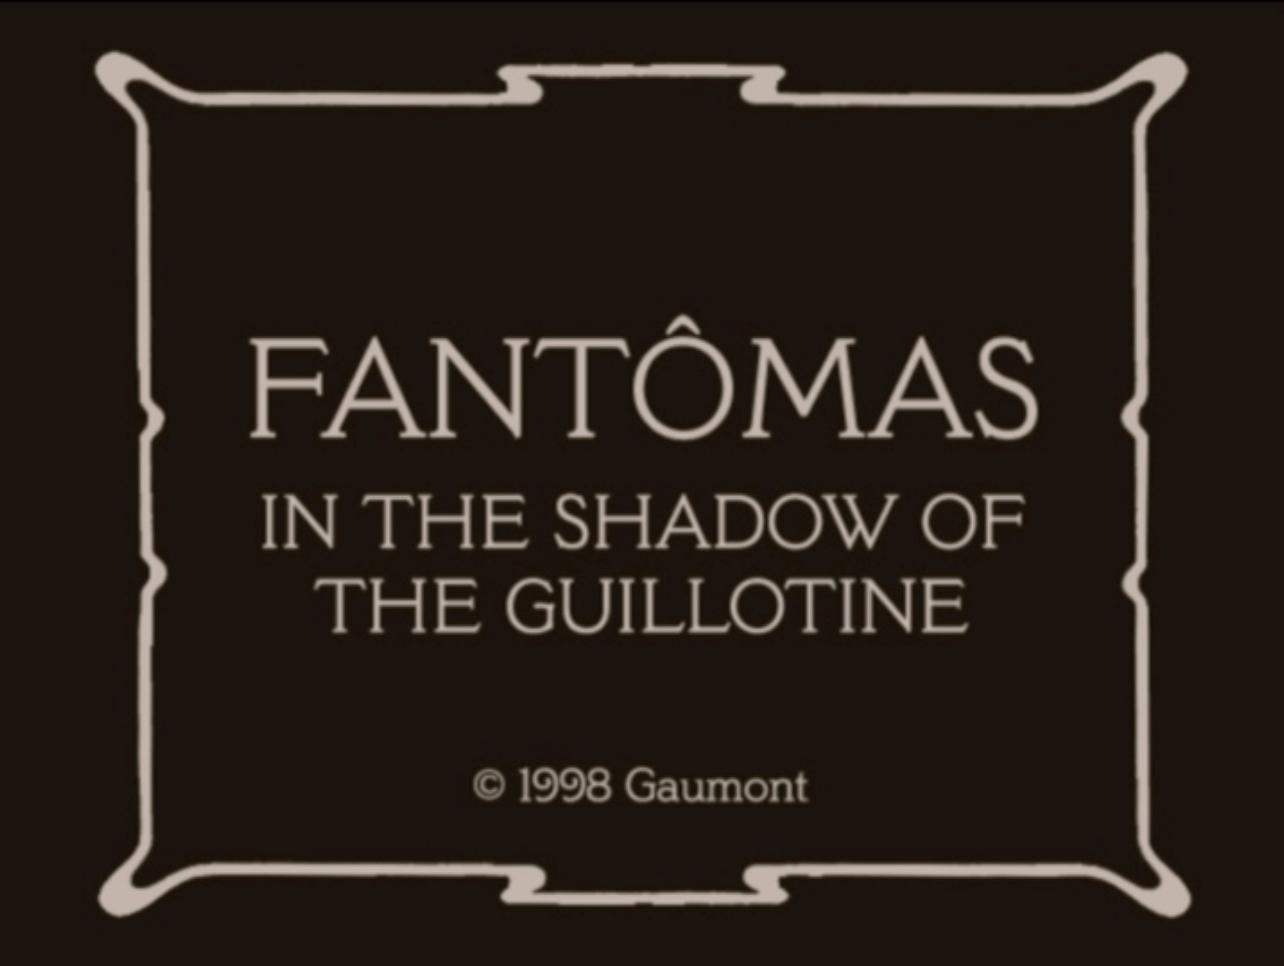 Fantomas1.title